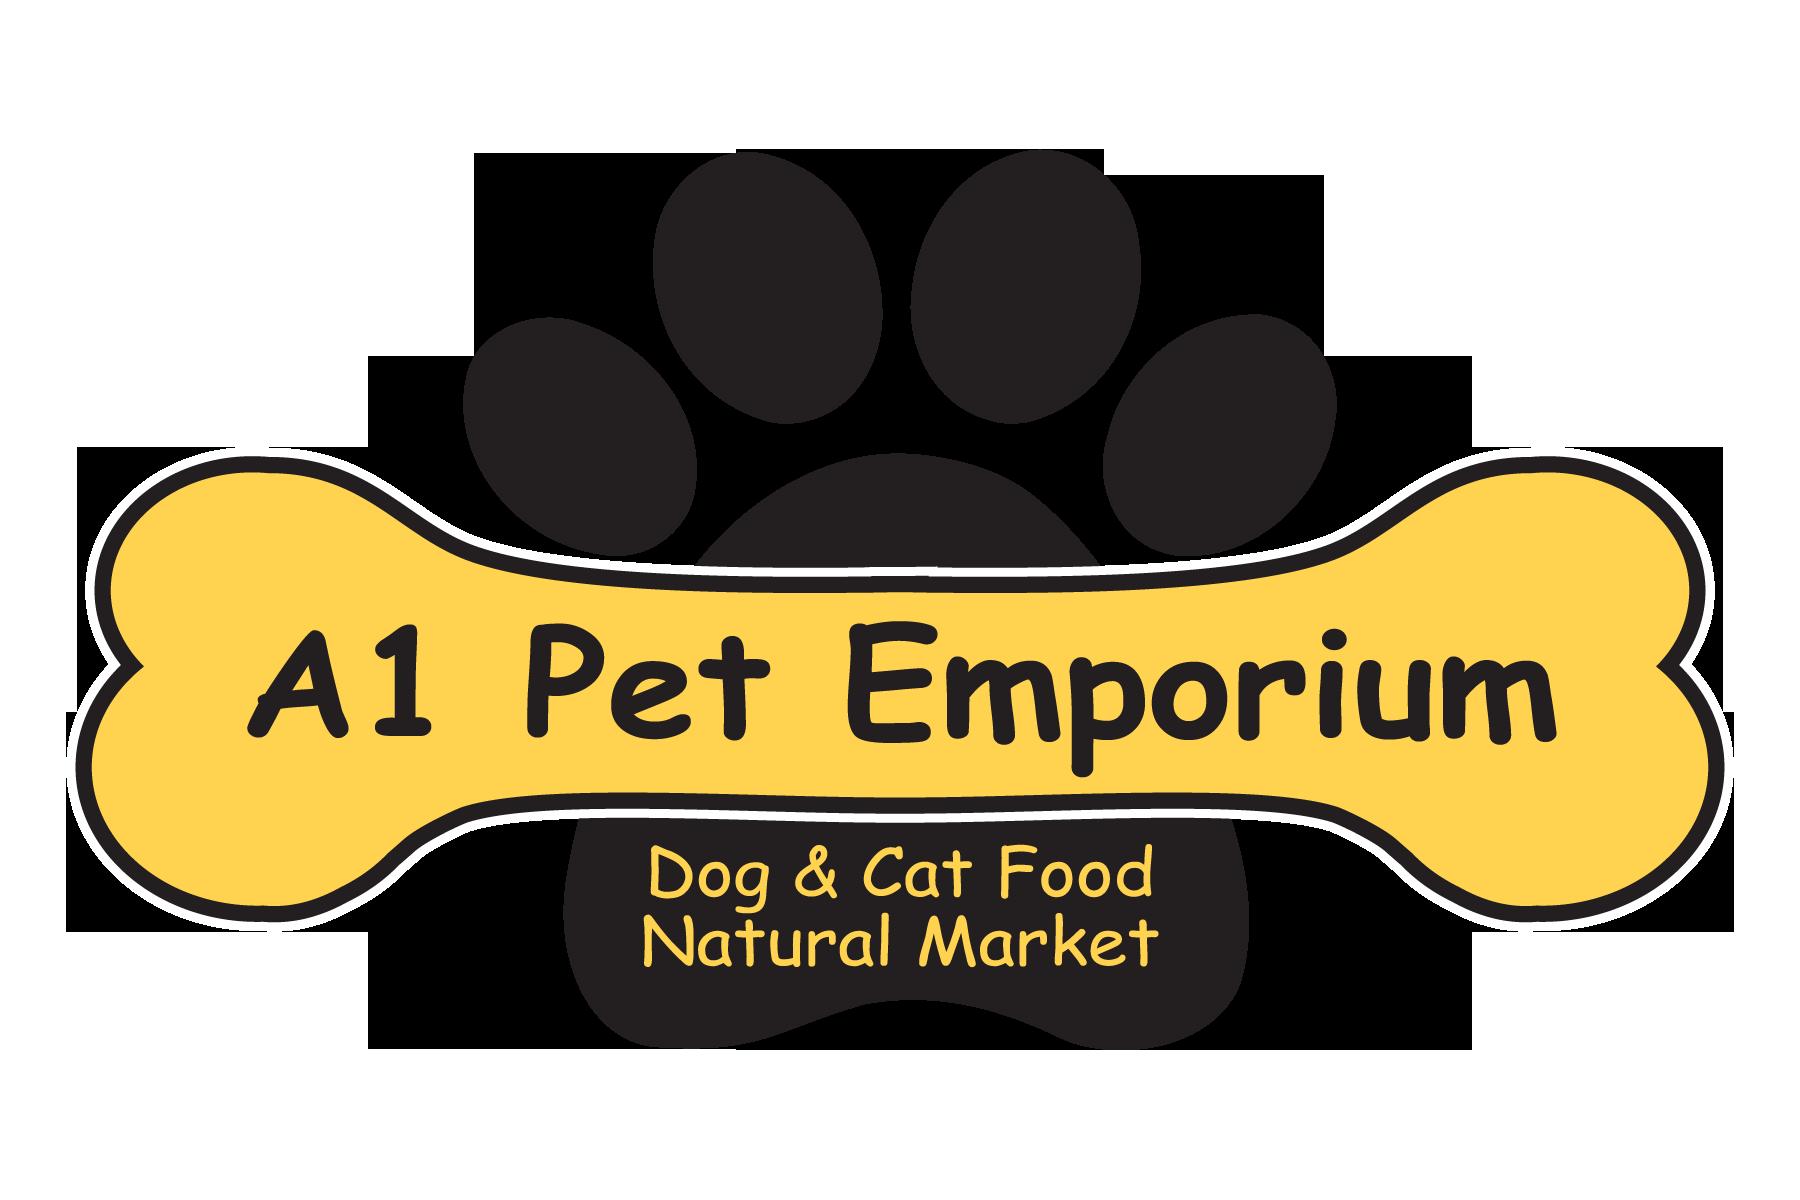 A1-Pet-Emporium_Natural-Market-Logo_2c.png